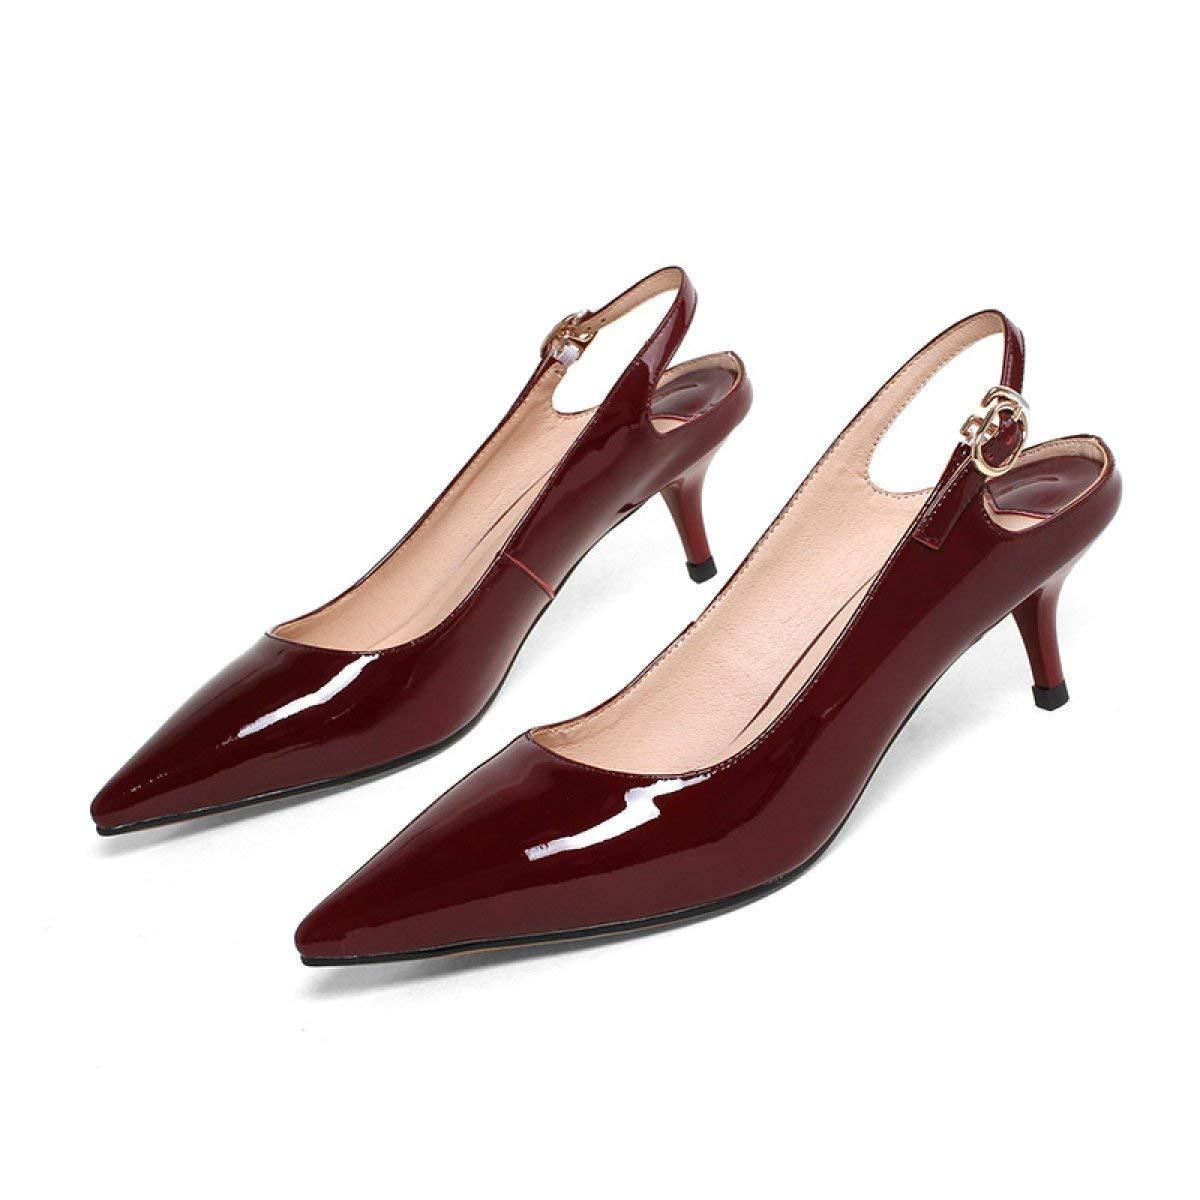 Eeayyygch Frauen Flache Sandalen Spitze Schnallen und und und Schuhe mit niedrigen Absätzen (Farbe   Weinrot Größe   34) 953d03